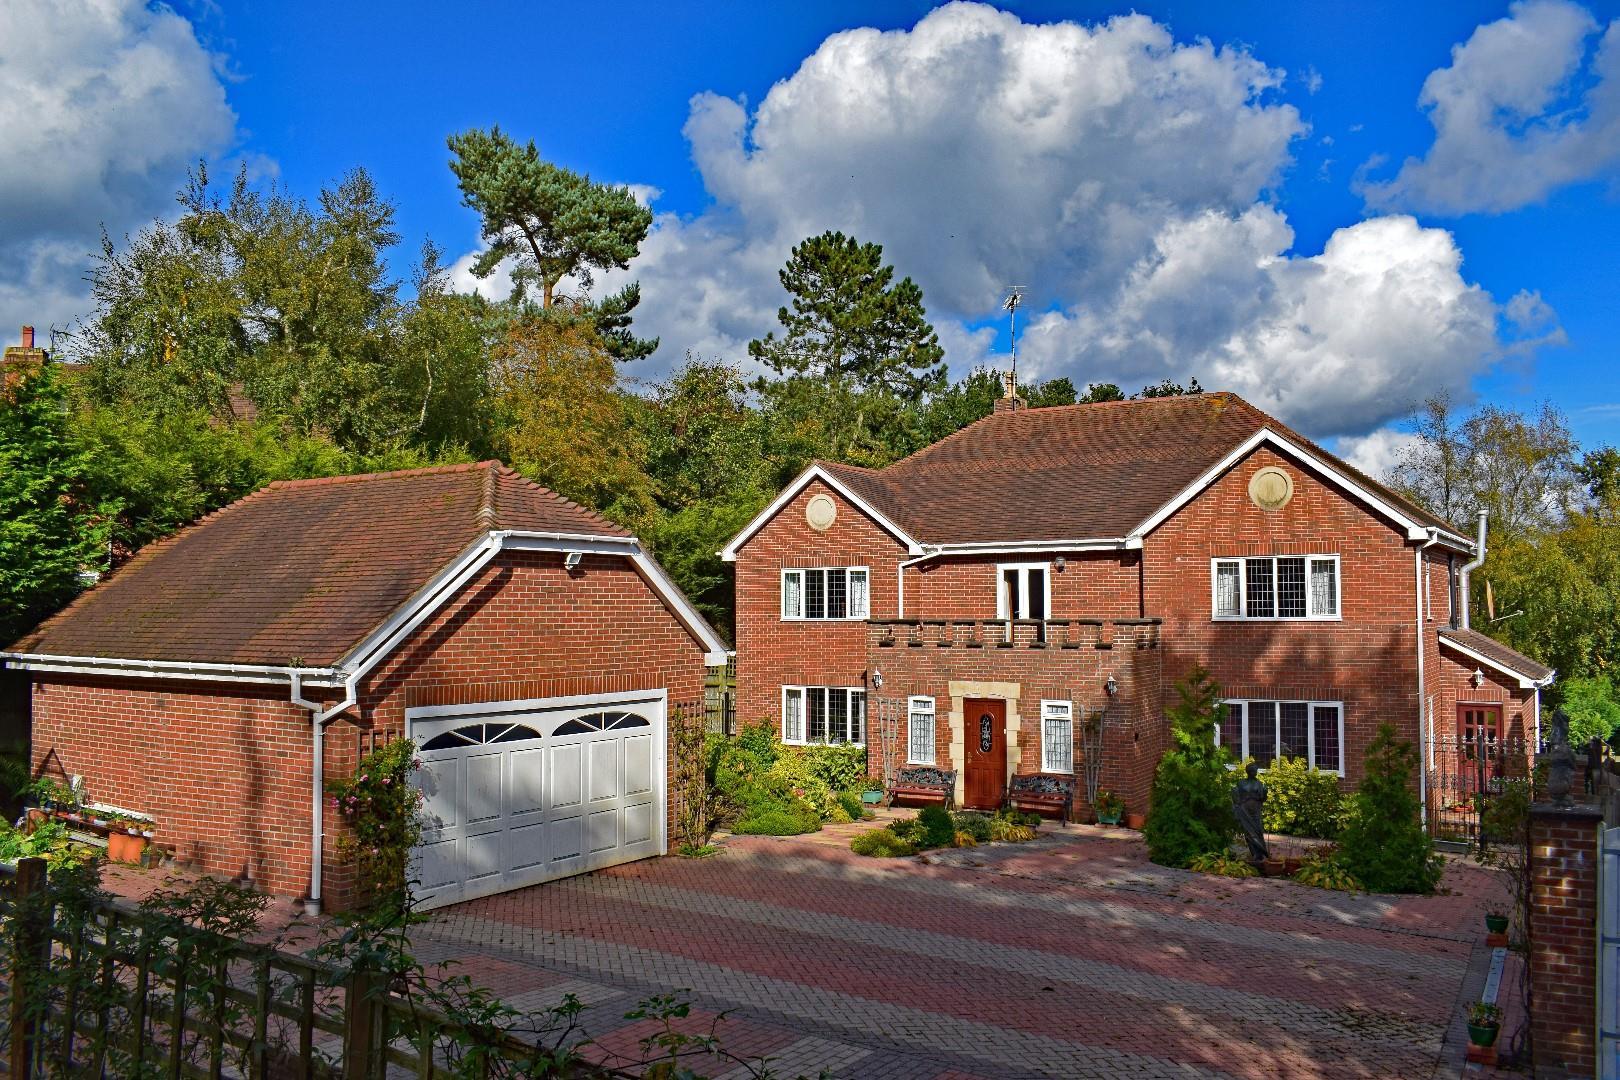 Schönberg Haus, 1A Edgewood Drive, Barnt Green, B45 8GD